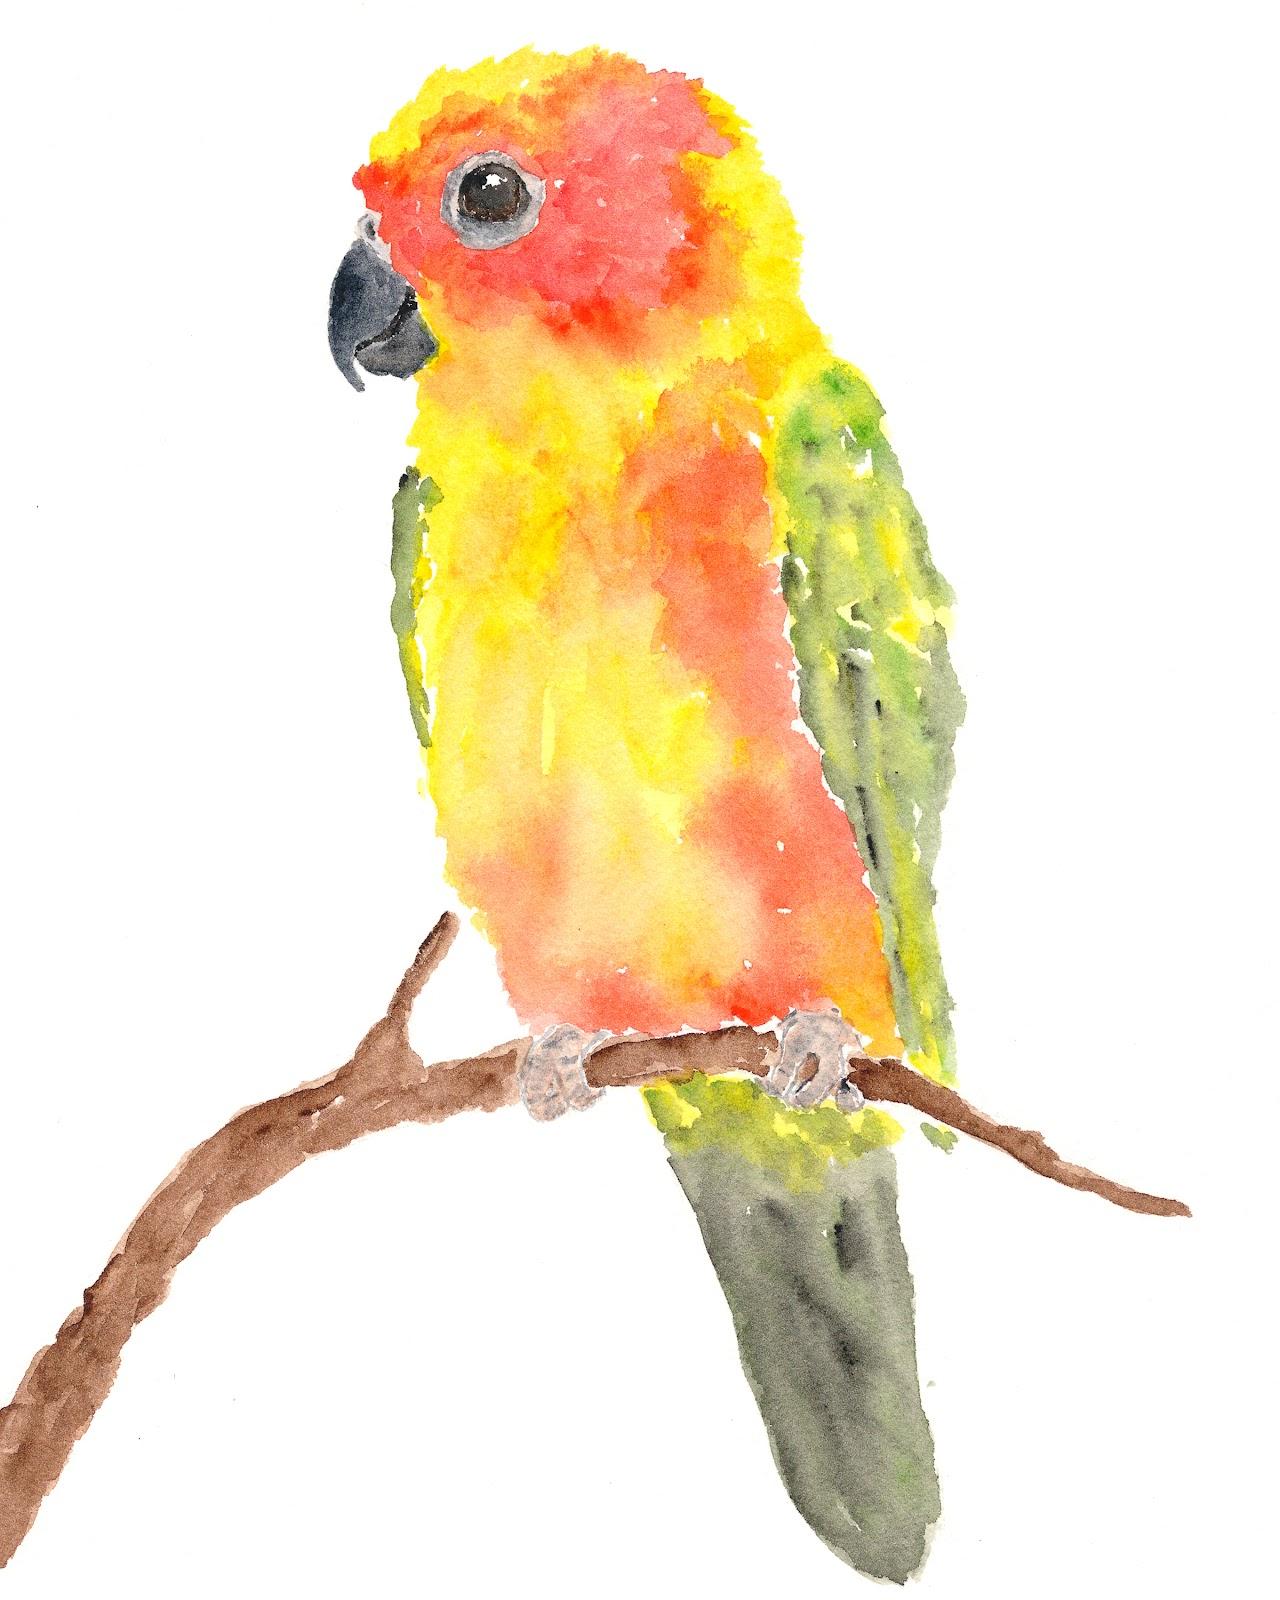 Thimble Sparrow: Watercolor Parrot - Sun Conure Parrot